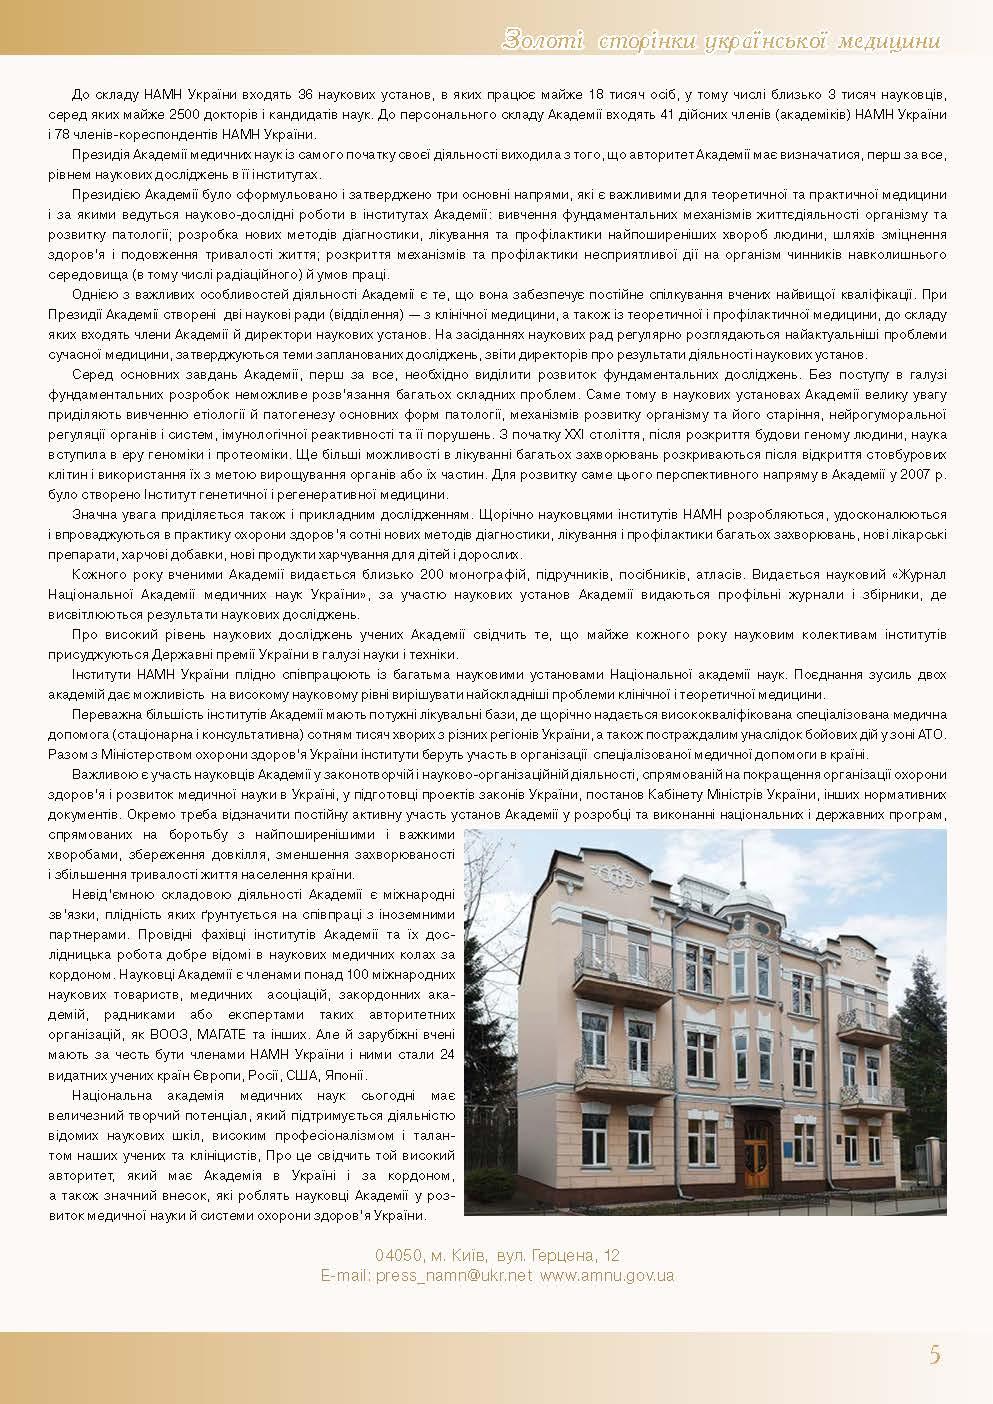 Національна академія медичних наук України